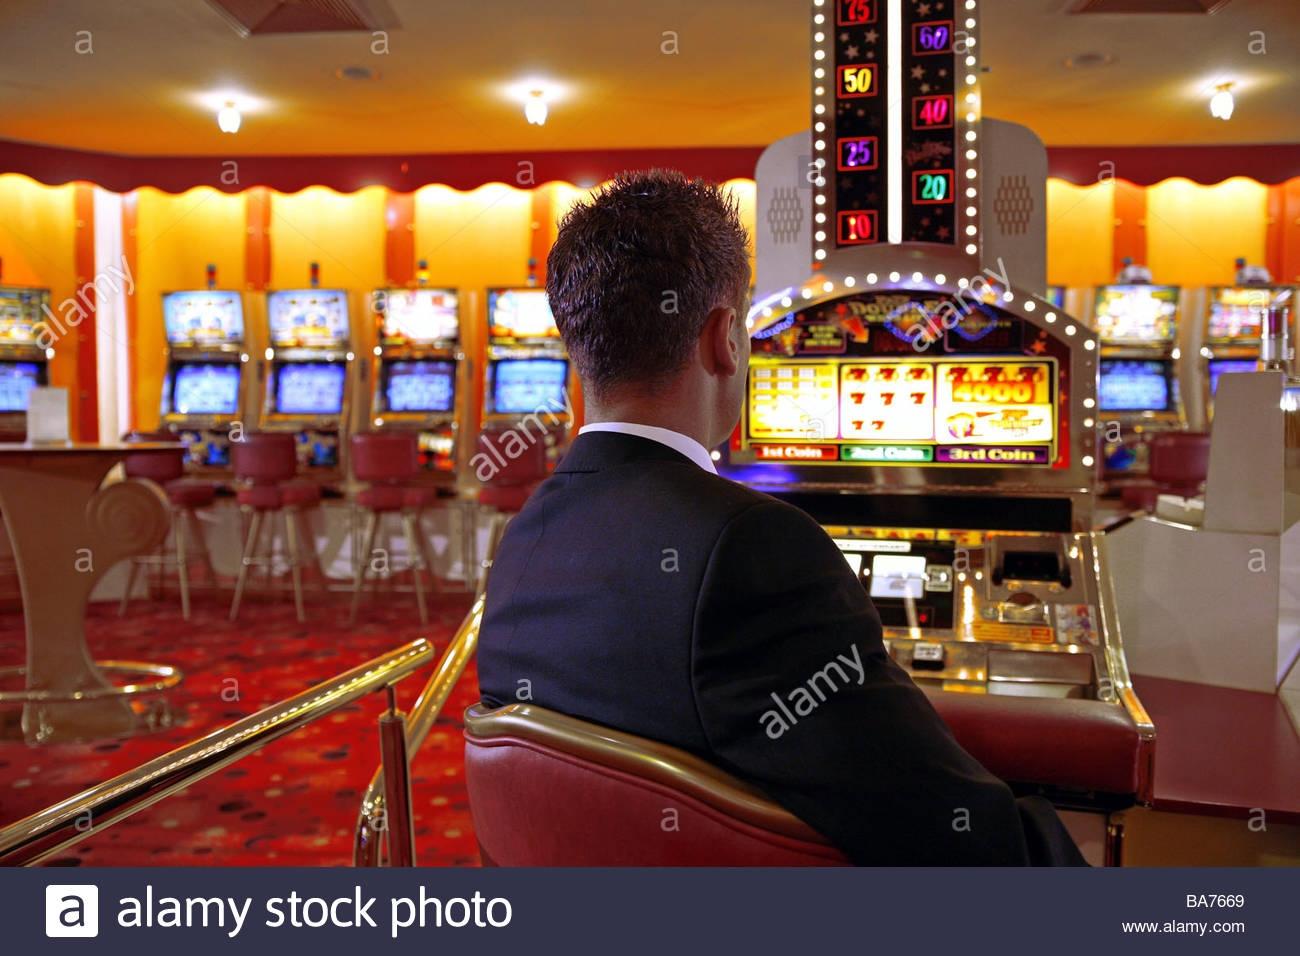 EURO 2130 no deposit casino bonus at Mansion Casino